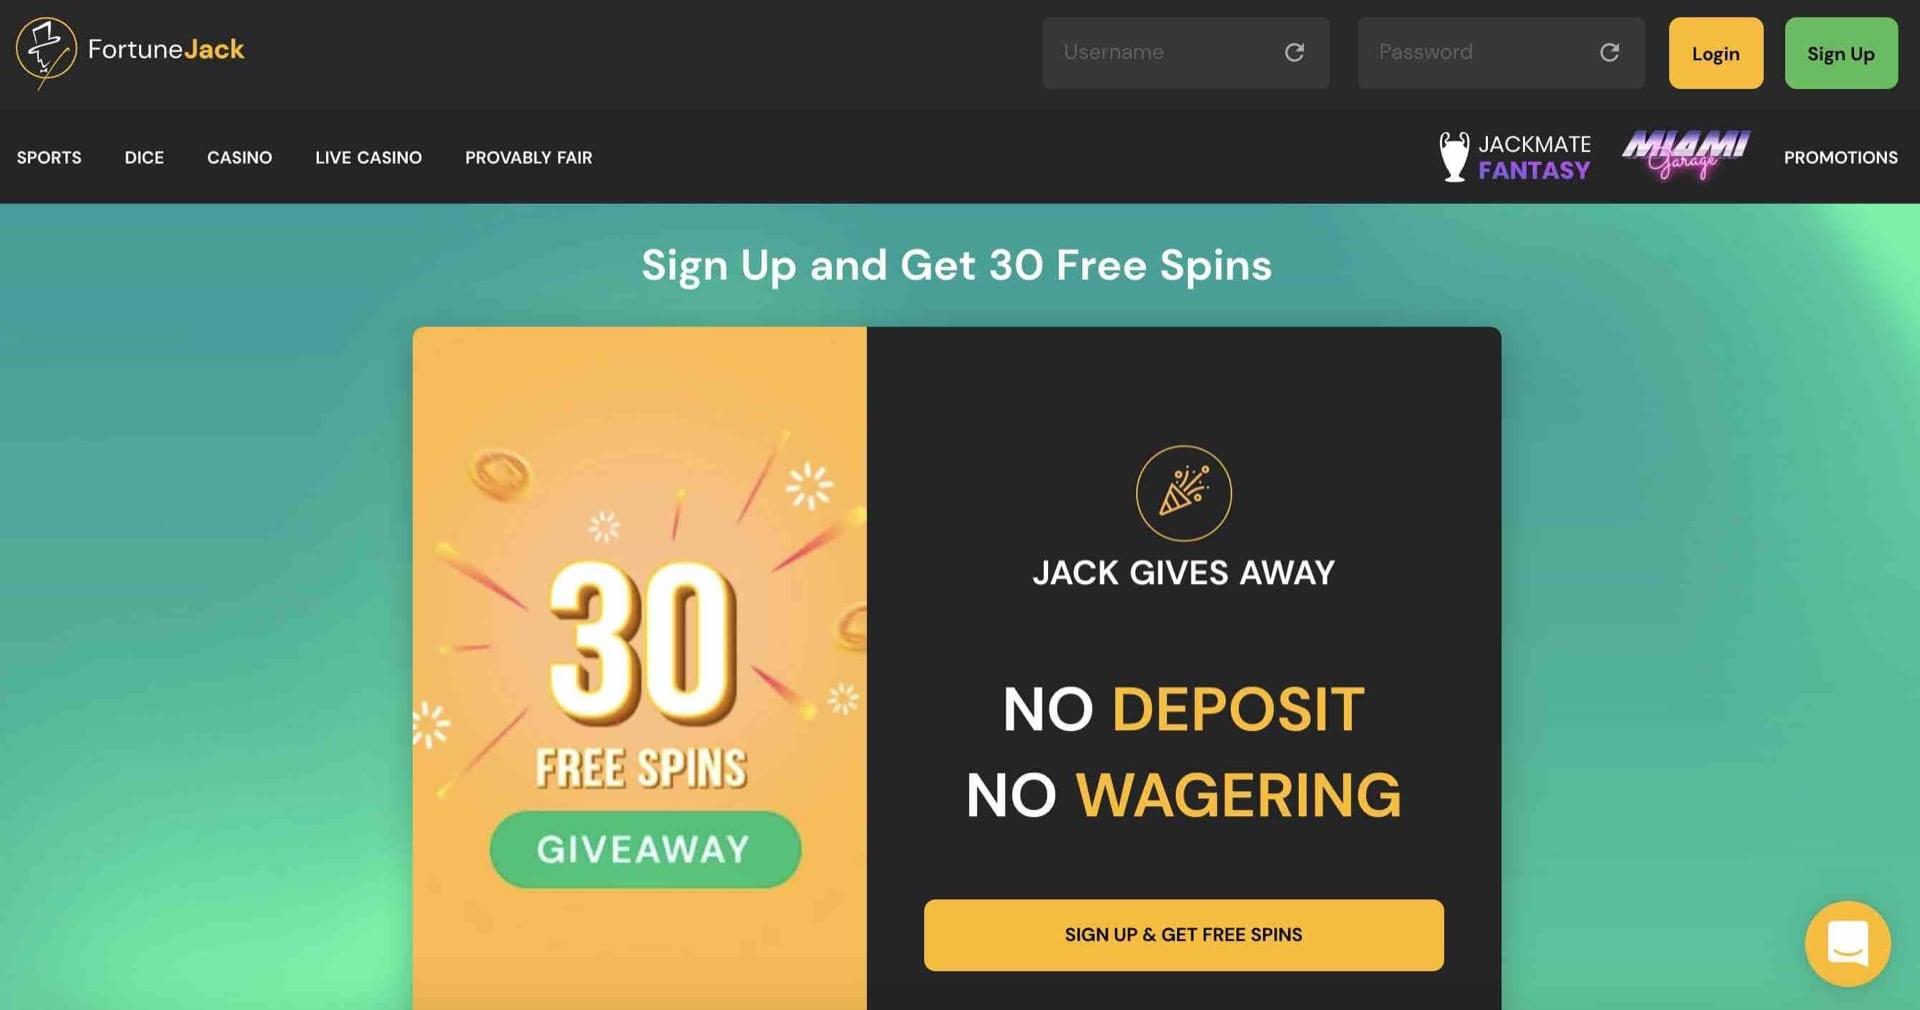 Bonuses at FortuneJack Casino